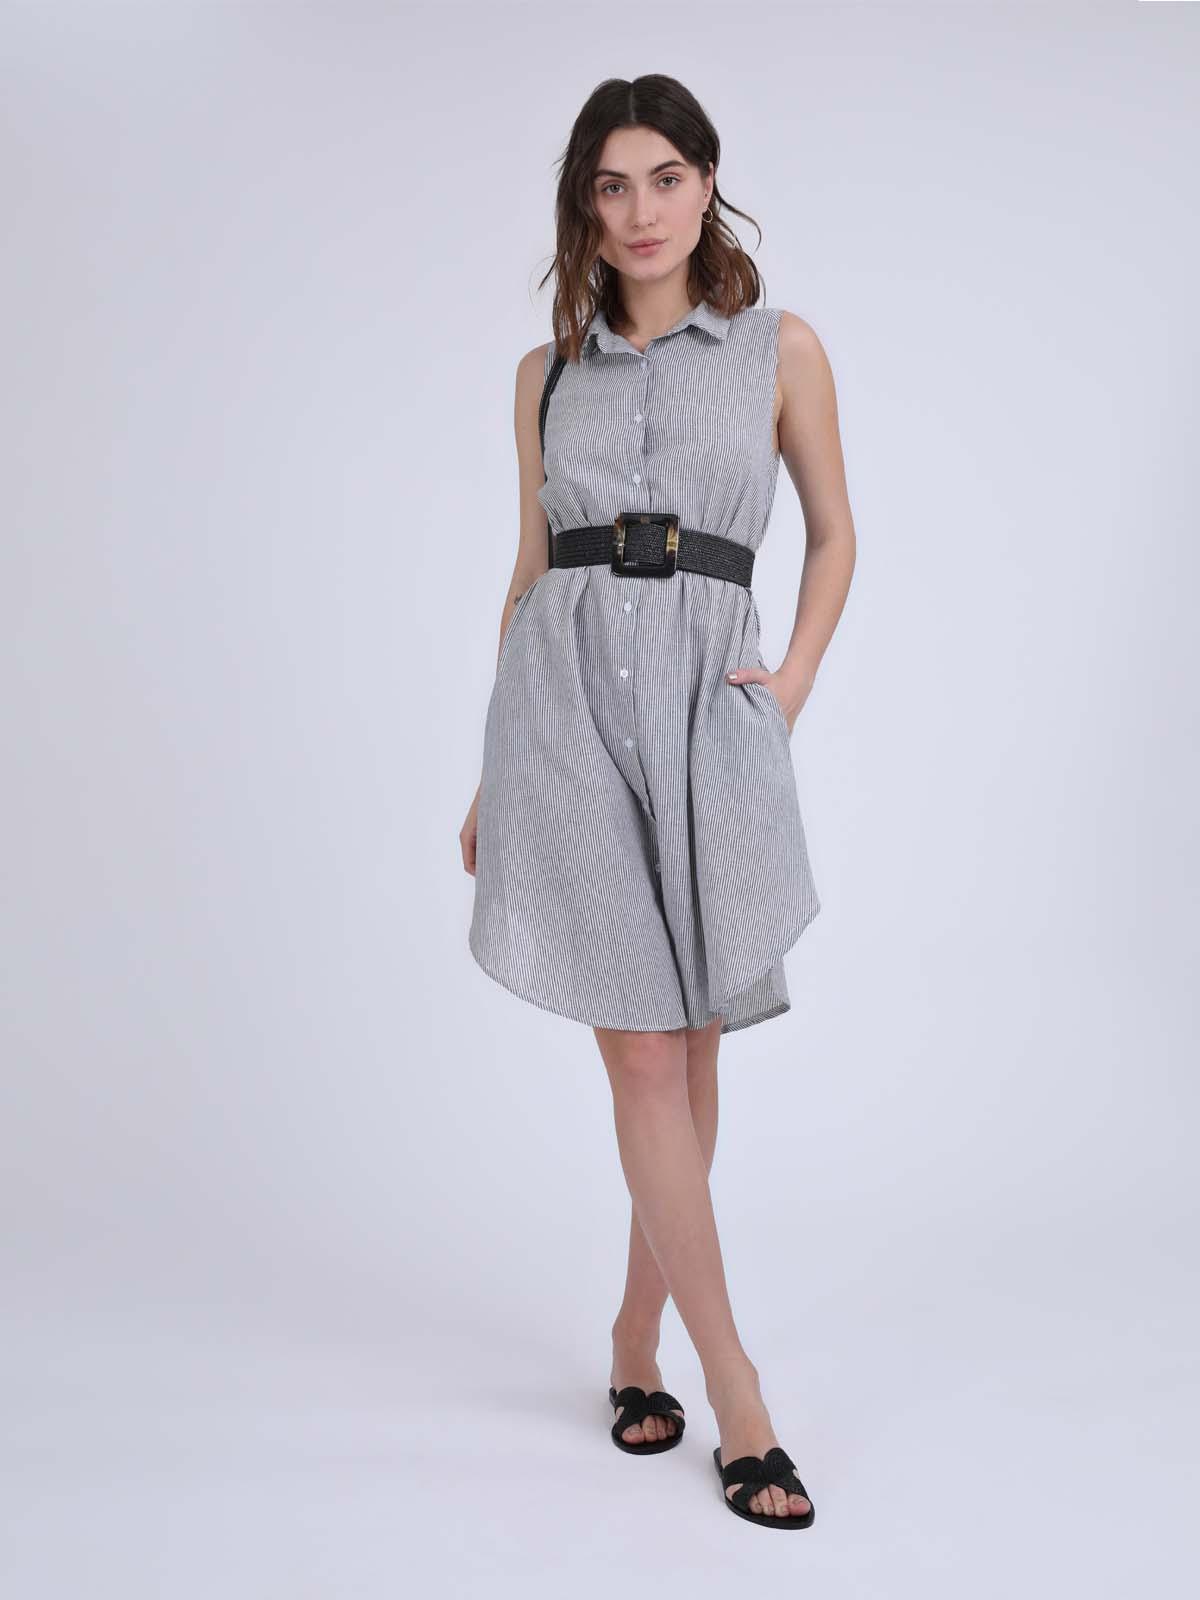 שמלה כפתורים שיינה סטייל ריבר